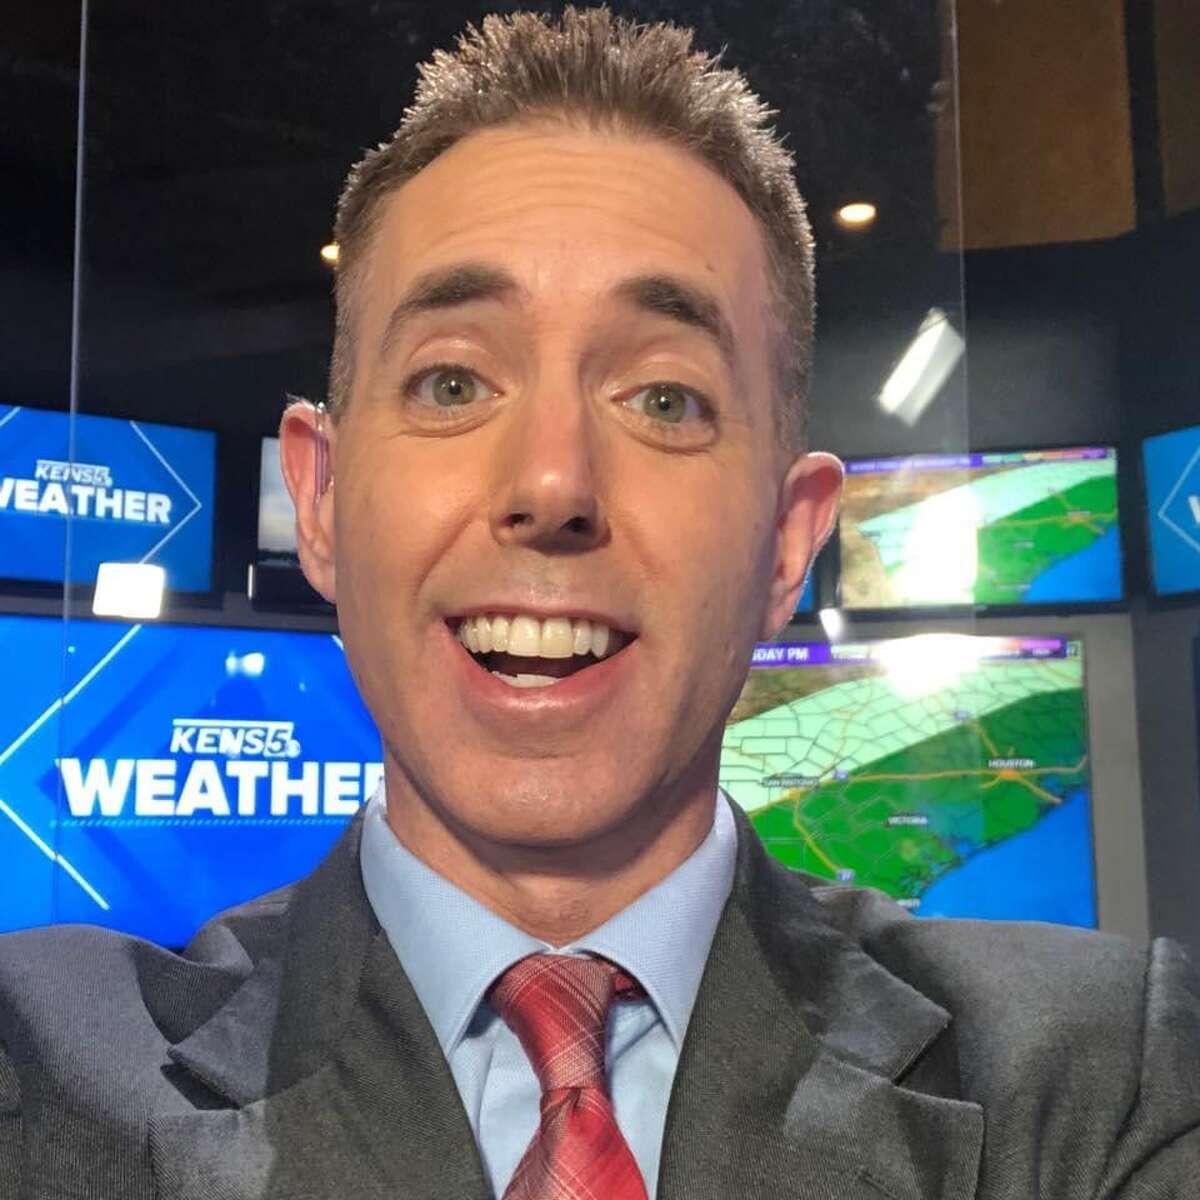 KENS 5 meteorologist Jeremy Baker